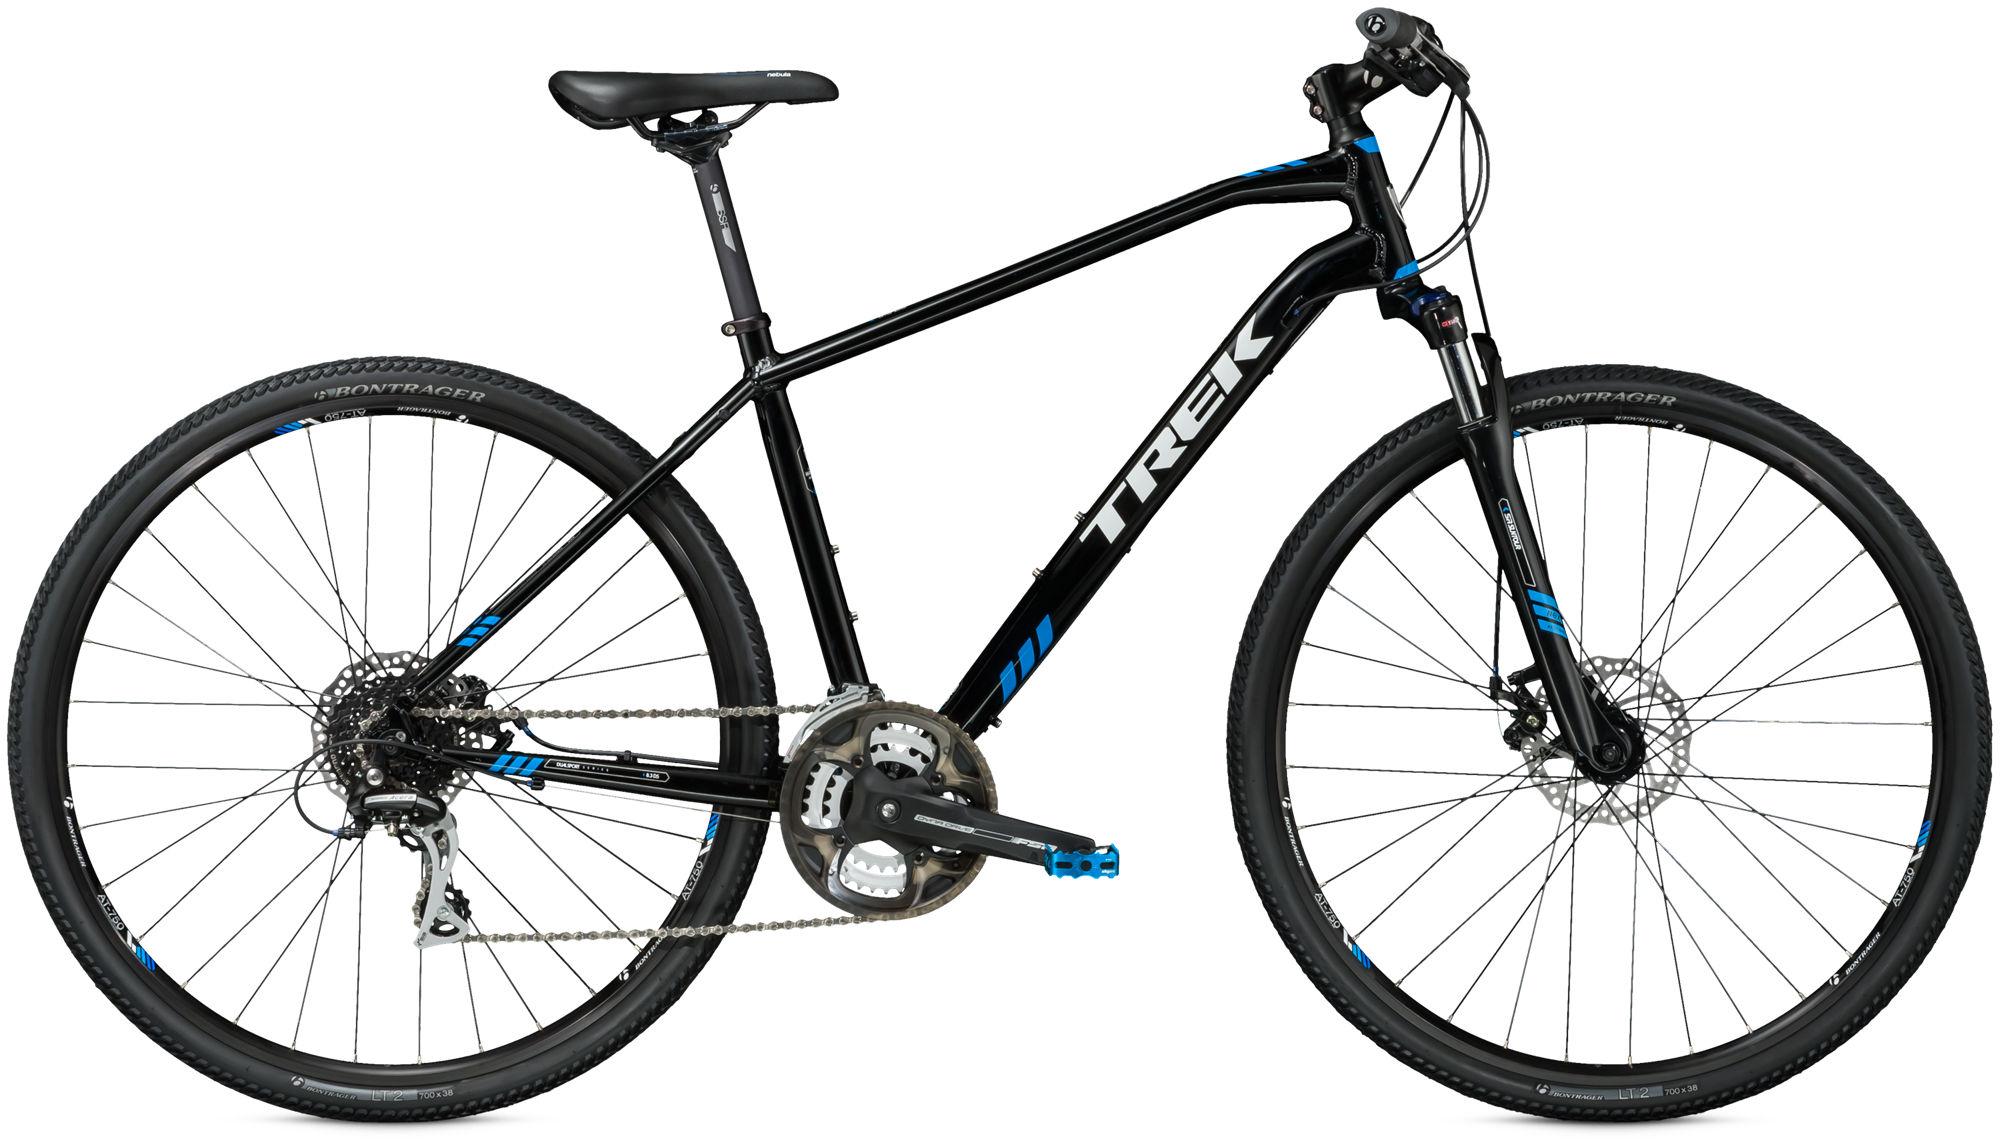 Trek 8 3 DS Hybrid Bike 2016 Black/Cyan/White £400 00